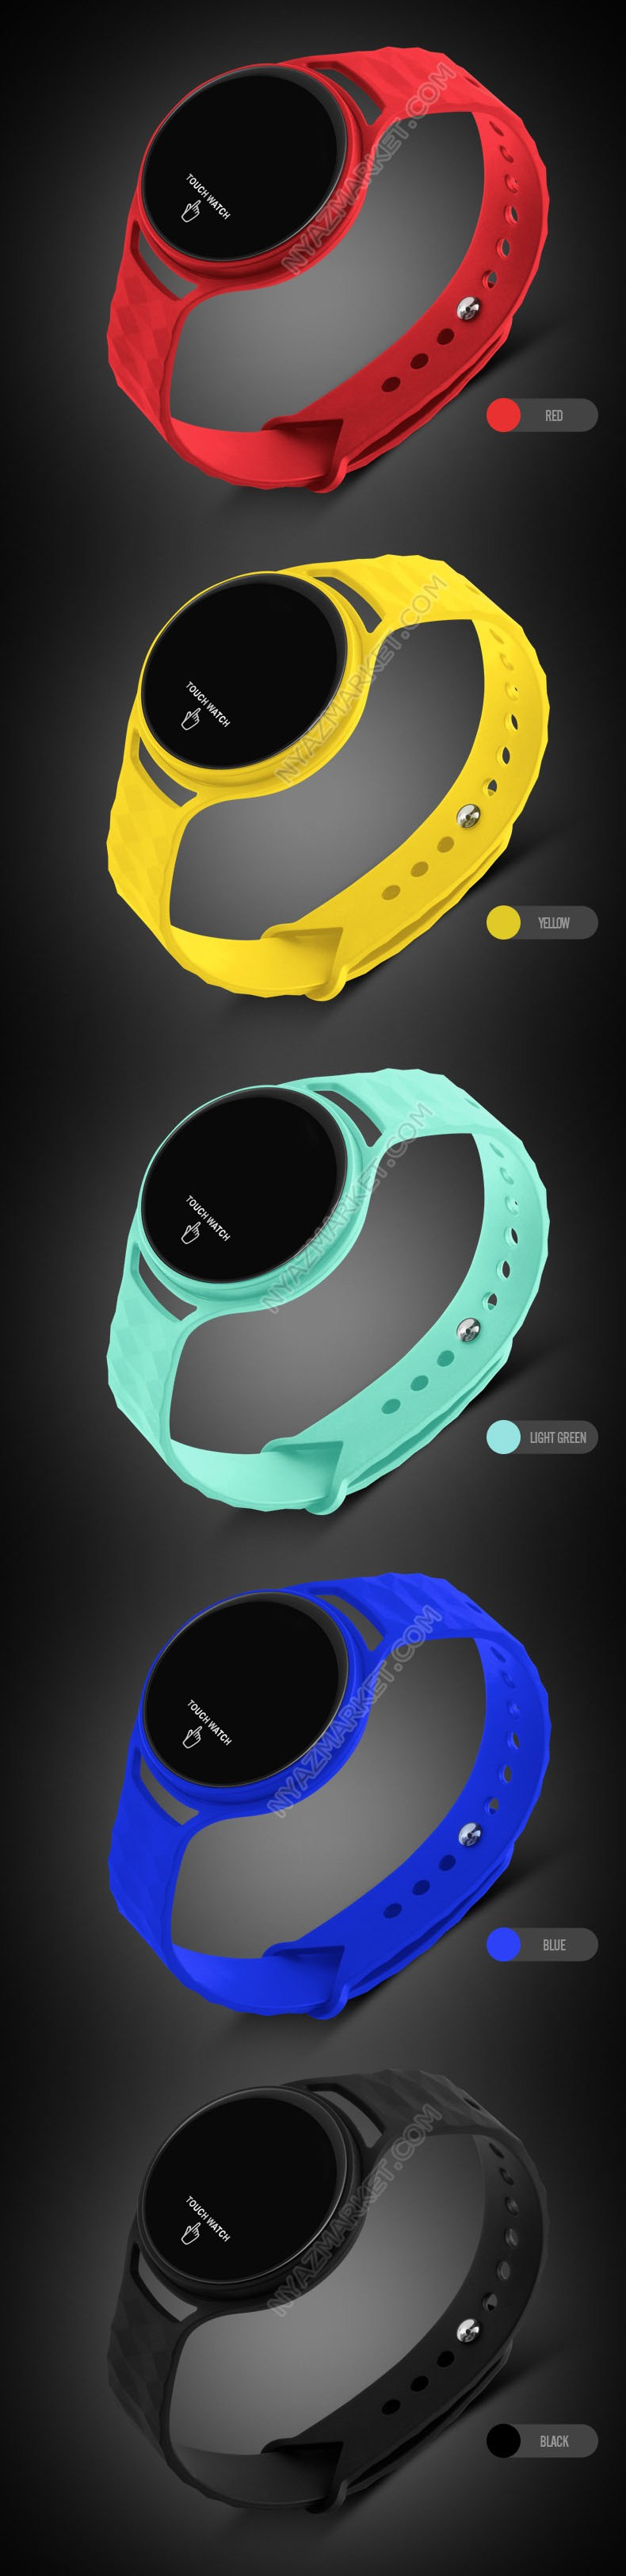 ساعت شیائومی,خرید ساعت تاچ اسکرین,فروش ساعت لمسی,قیمت ساعت هوشمند اسمارت واچ,ساعت مردانه Xiaomi Mi Smartwatch,ساعت طرح اصل,ساعت مچی های کپی,سفارش اینترنتی Xiaomi  smart watch,نمایندگی ساعت ال ای دی